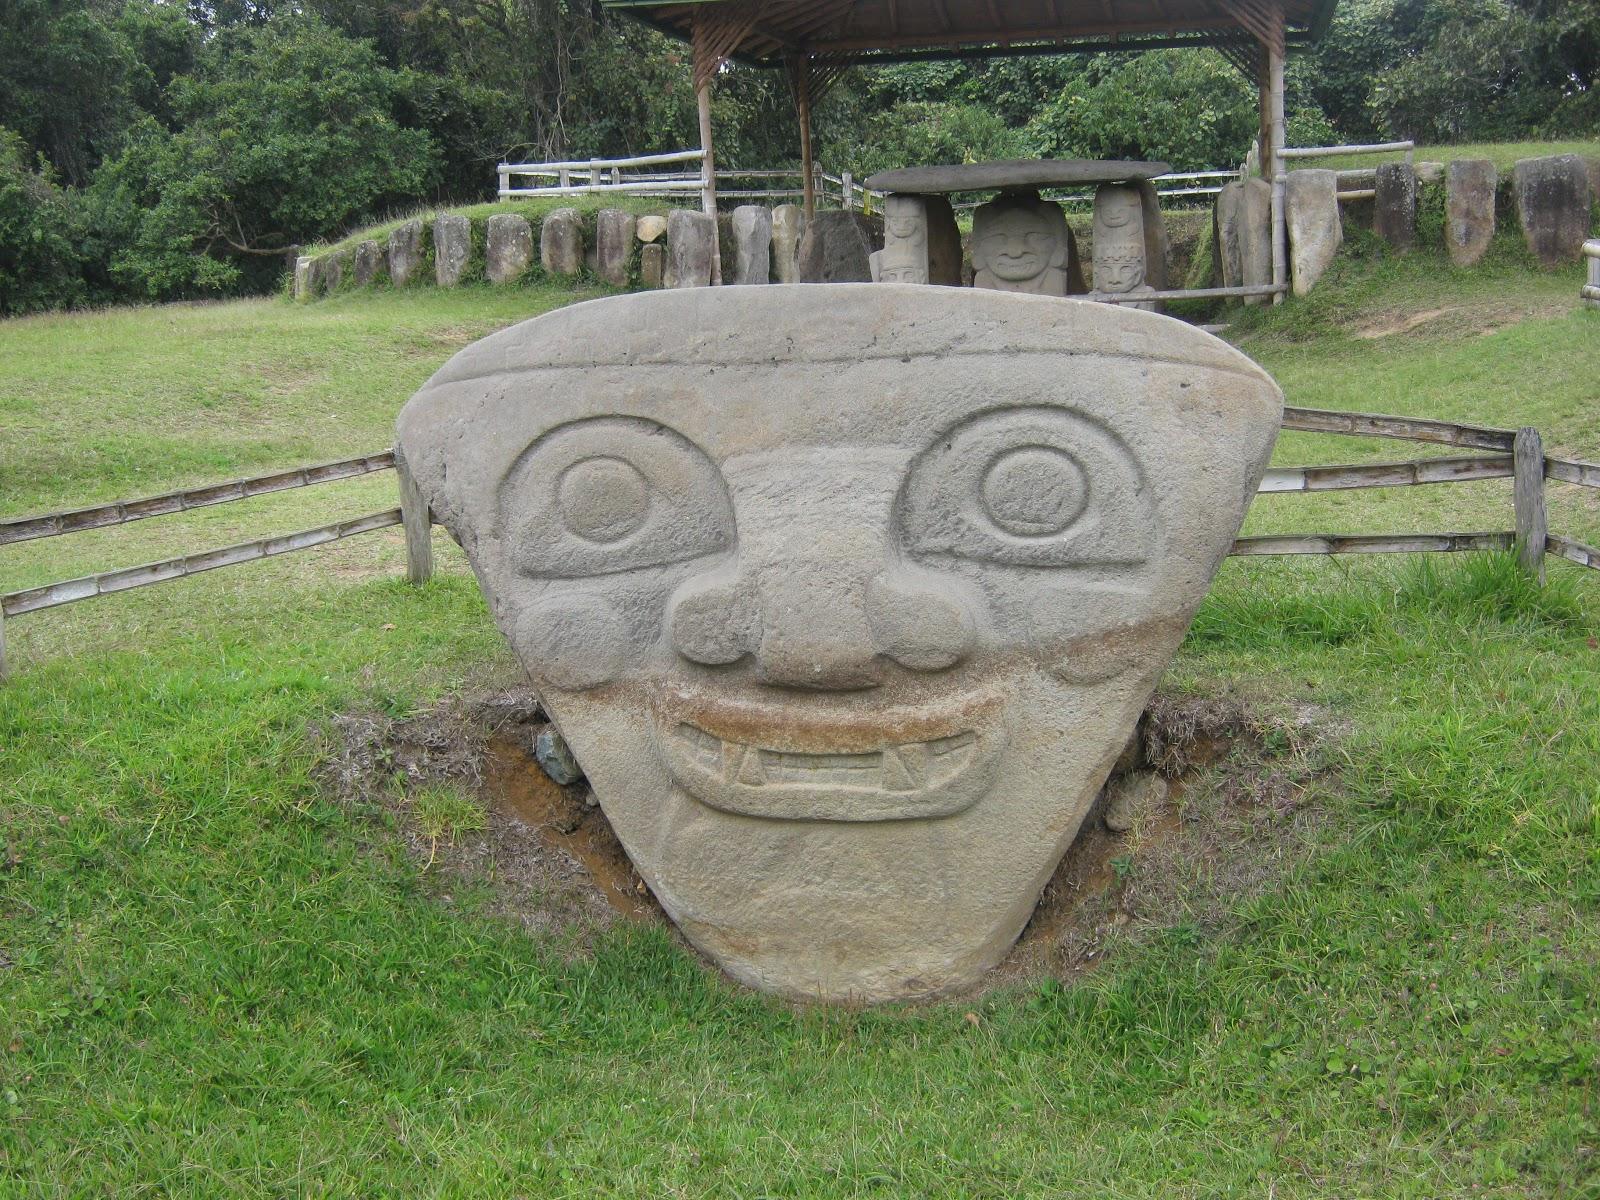 Parques arqueológicos. Foto: espaciosyperiferias.blogspot.com